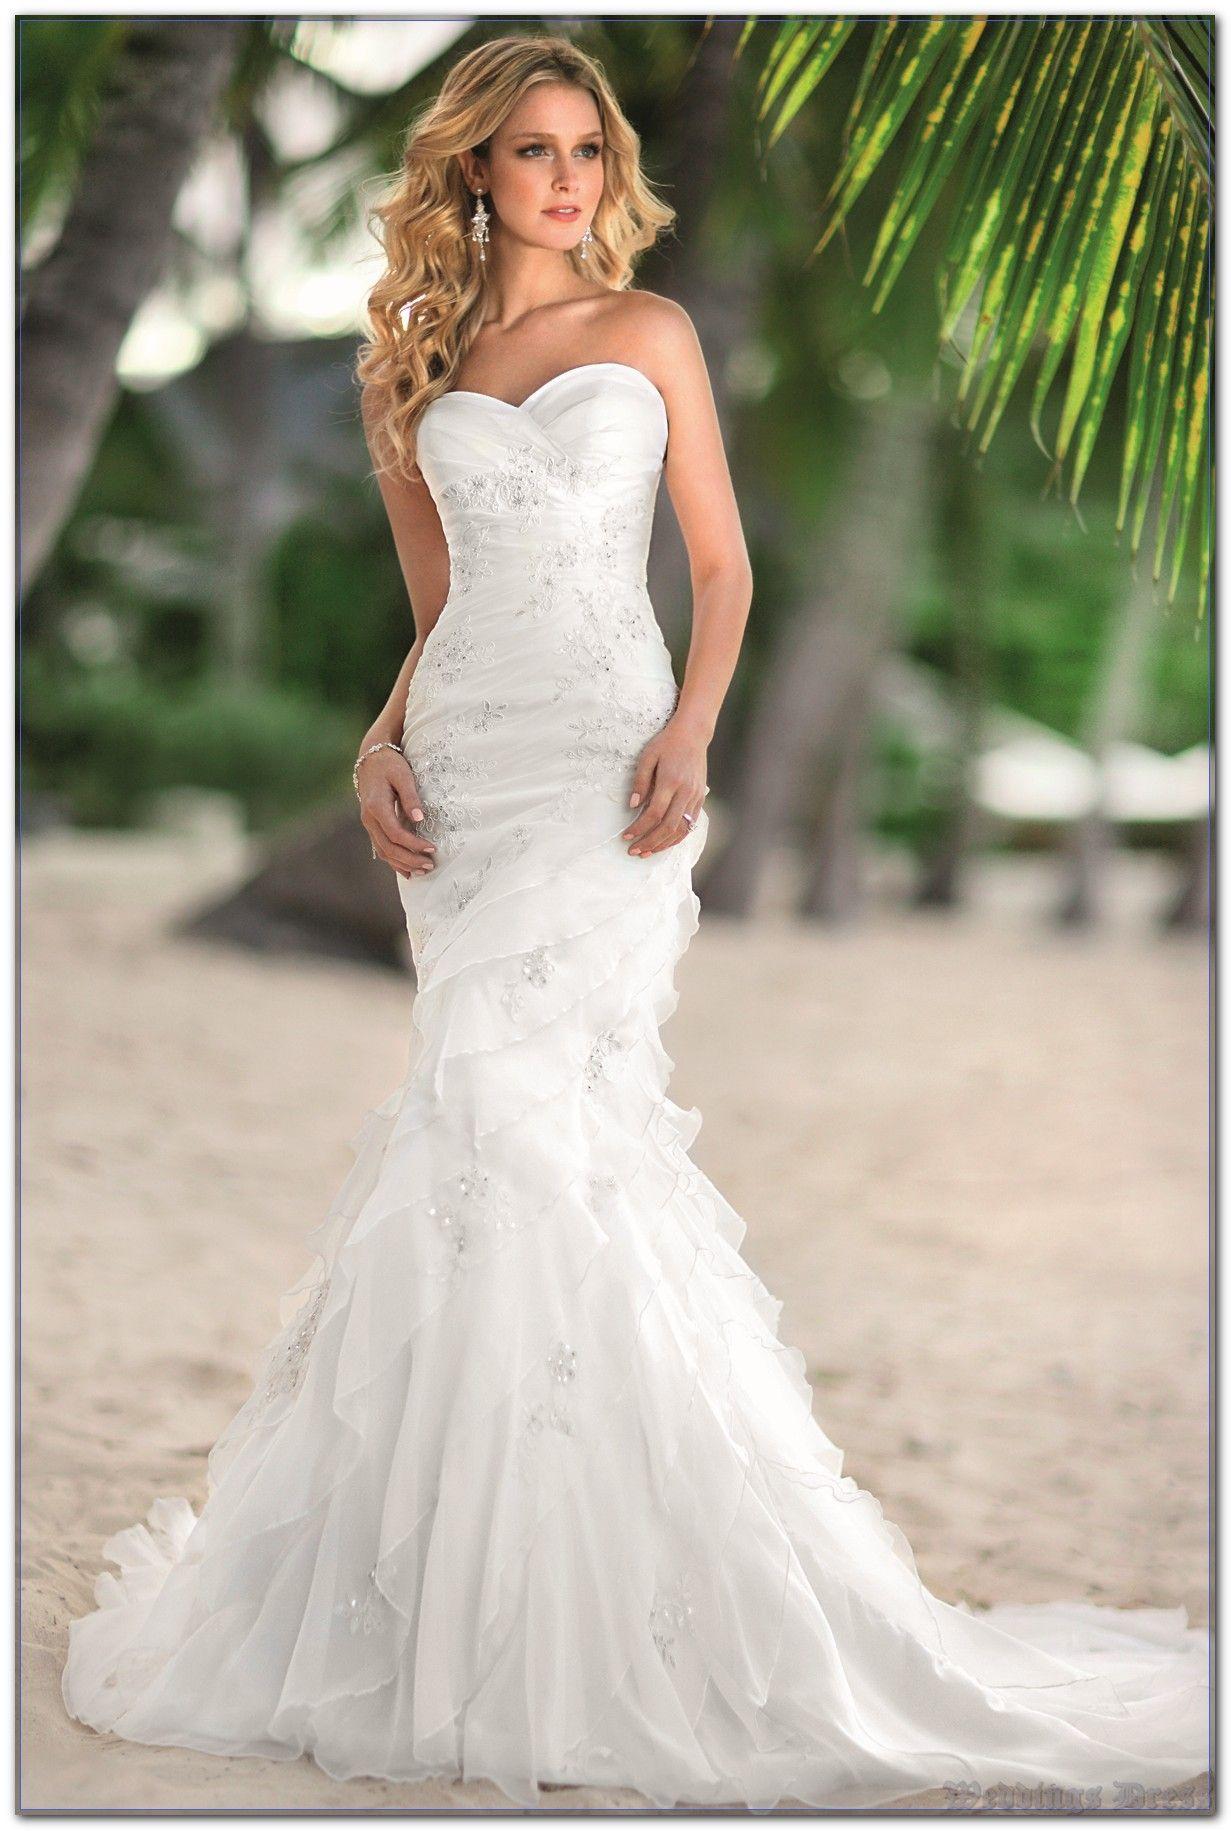 Learn To (Do) Weddings Dress Like A Professional